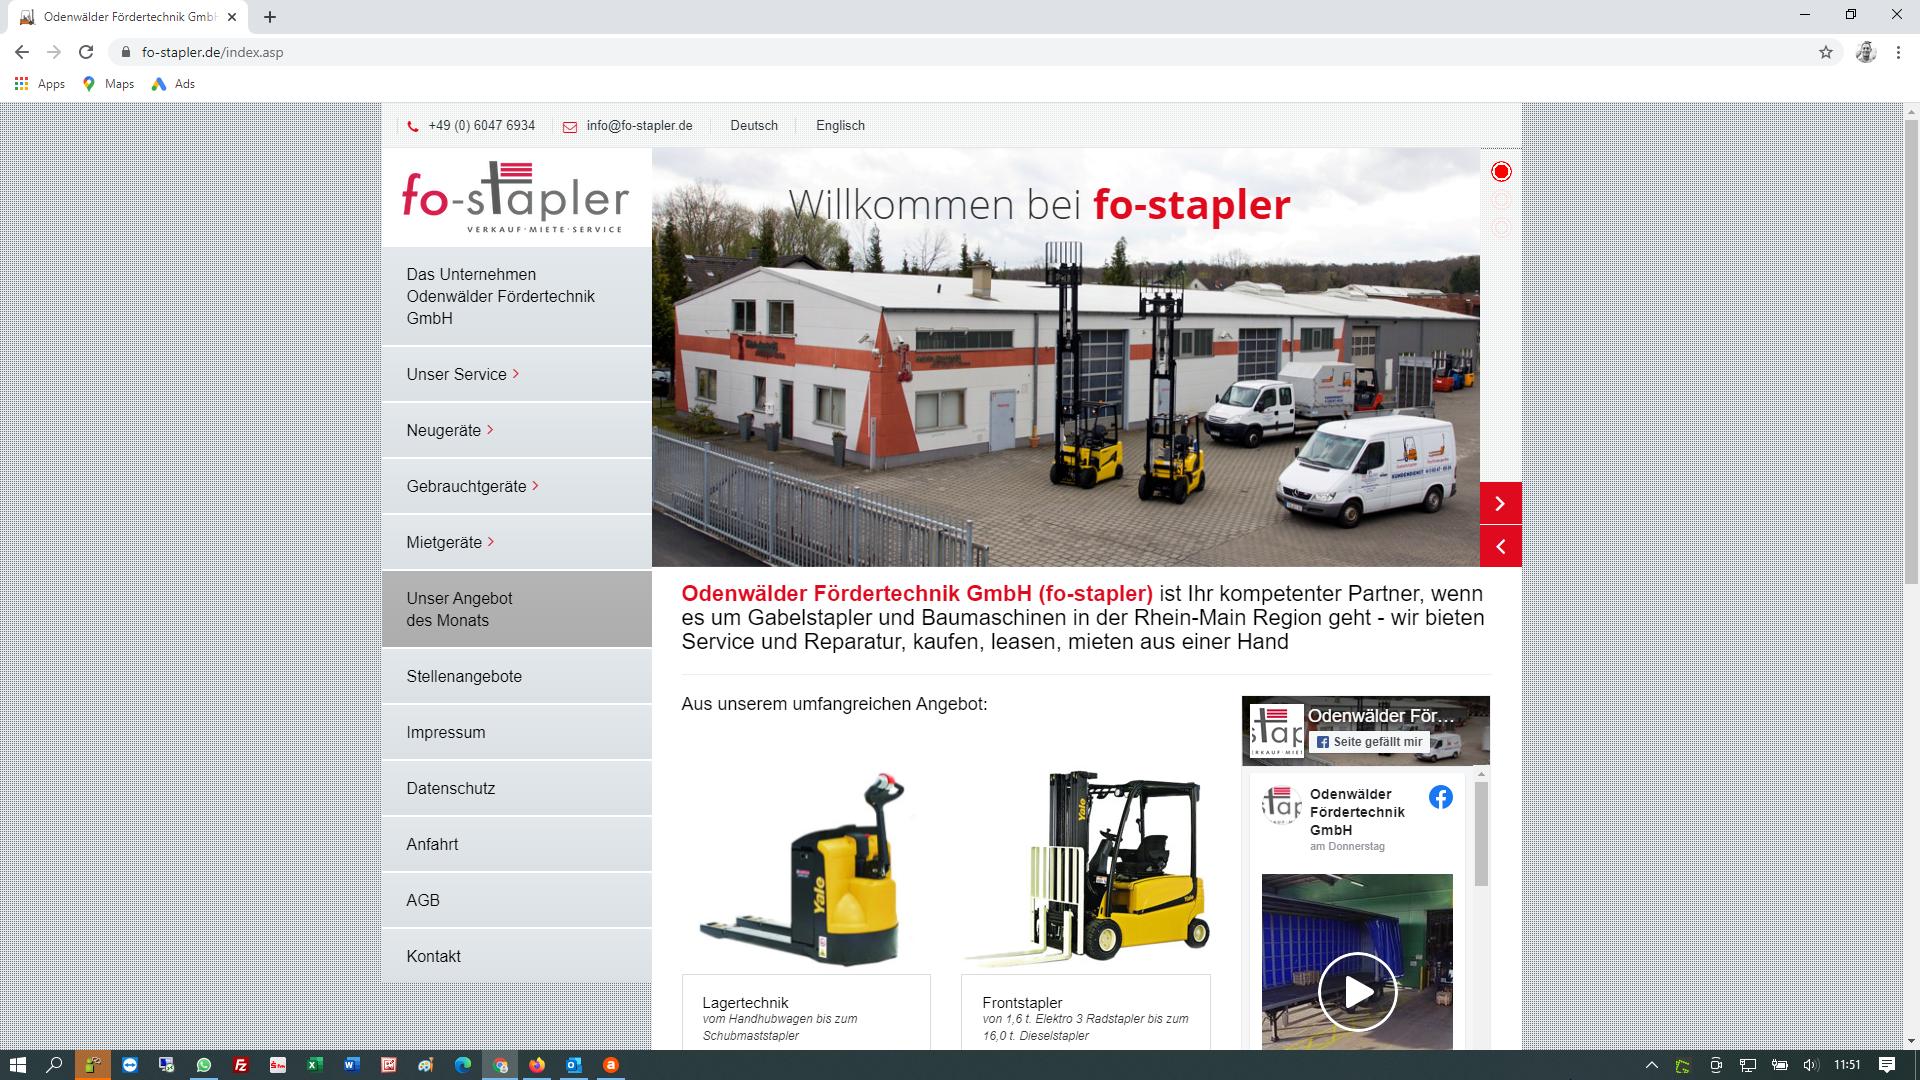 Odenwälder Fördertechnik GmbH